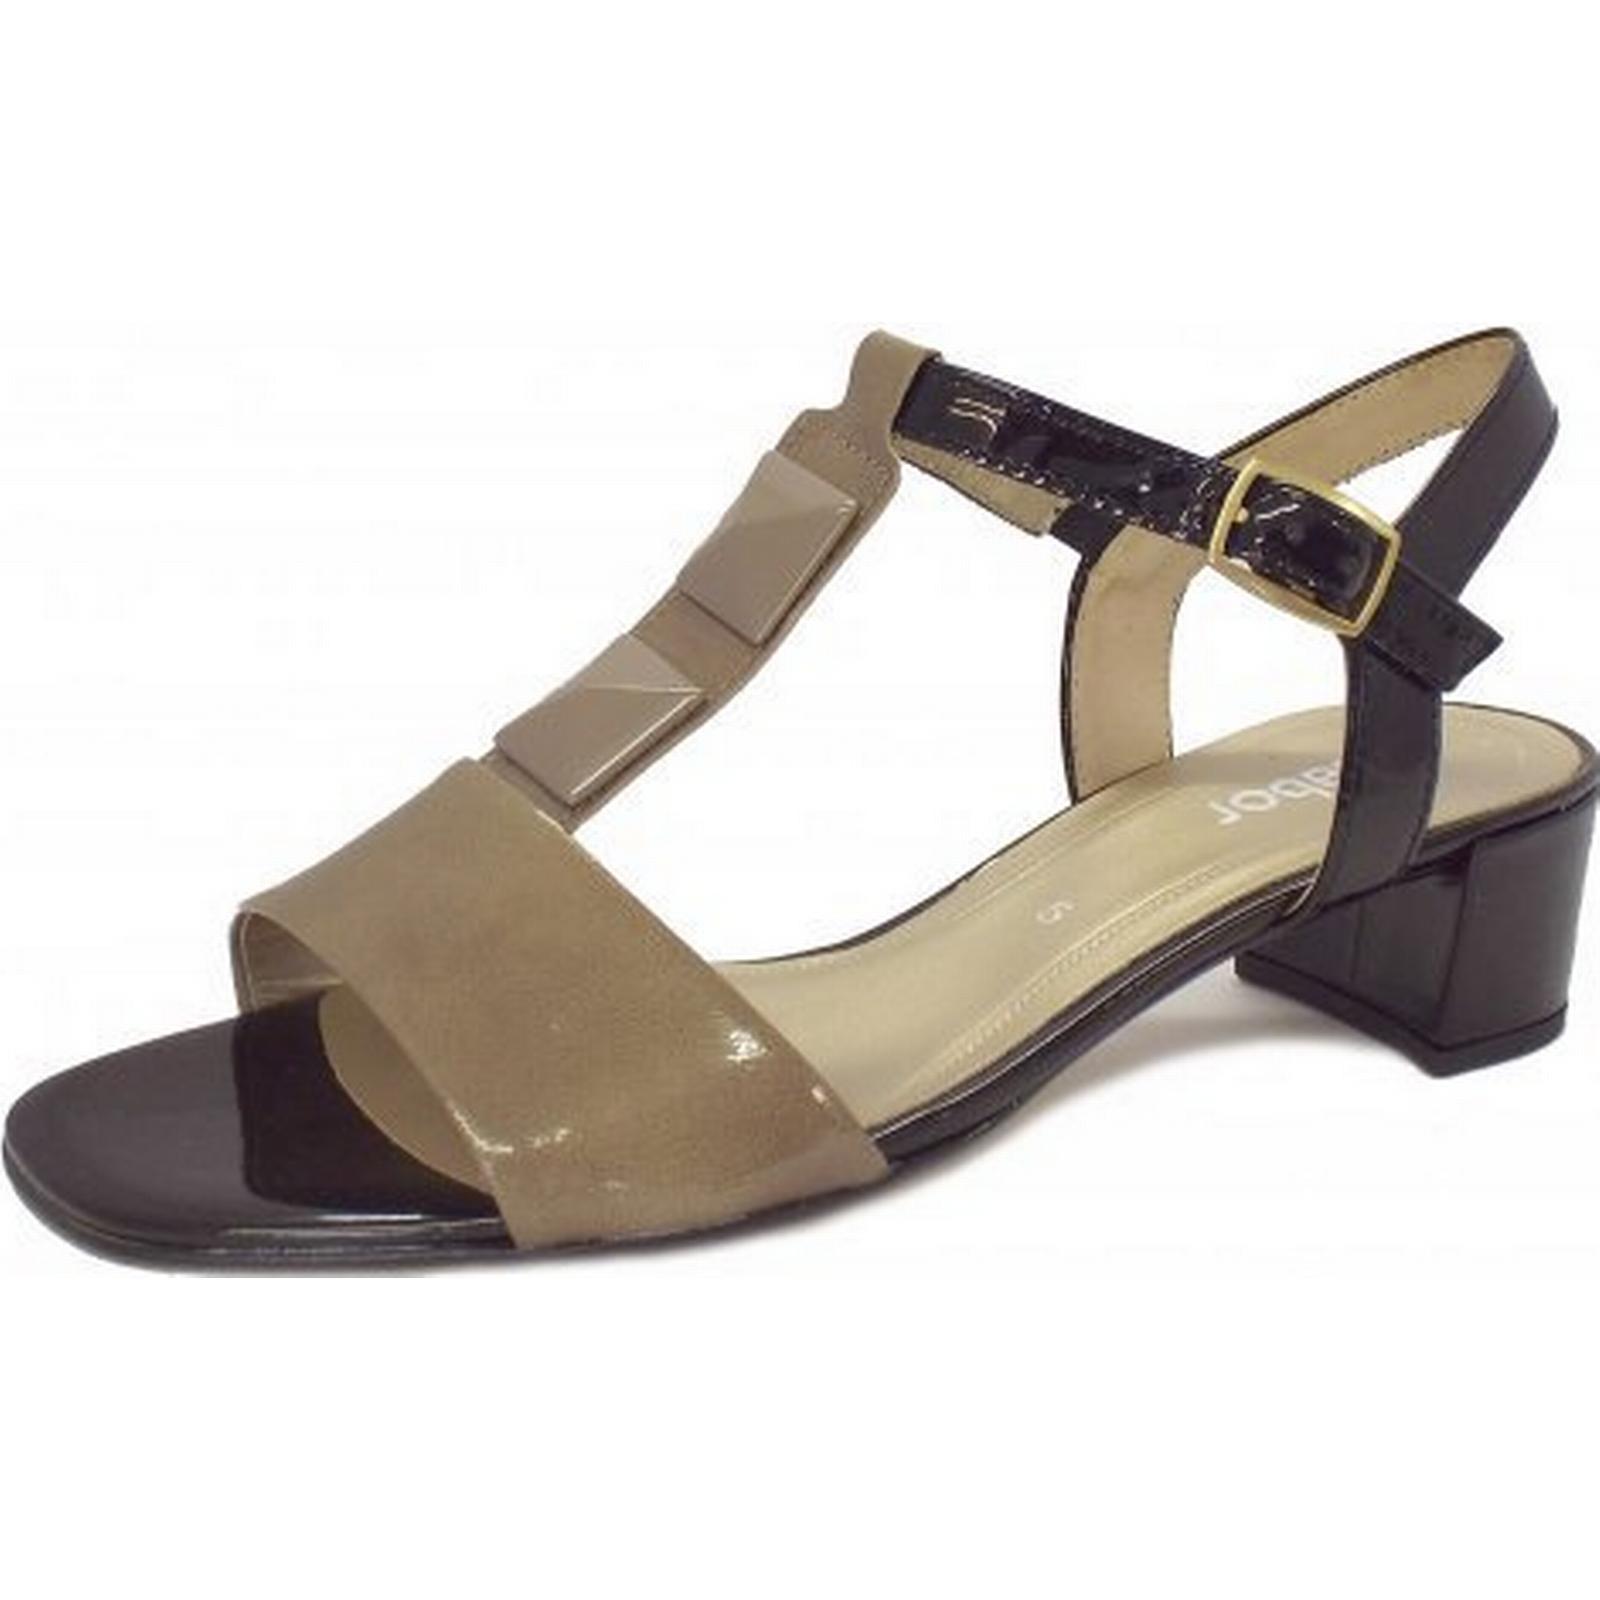 sandales à talon gabor cathédrale plus faible faible faible taille: 7, couleur: gris clair. 7e35f7